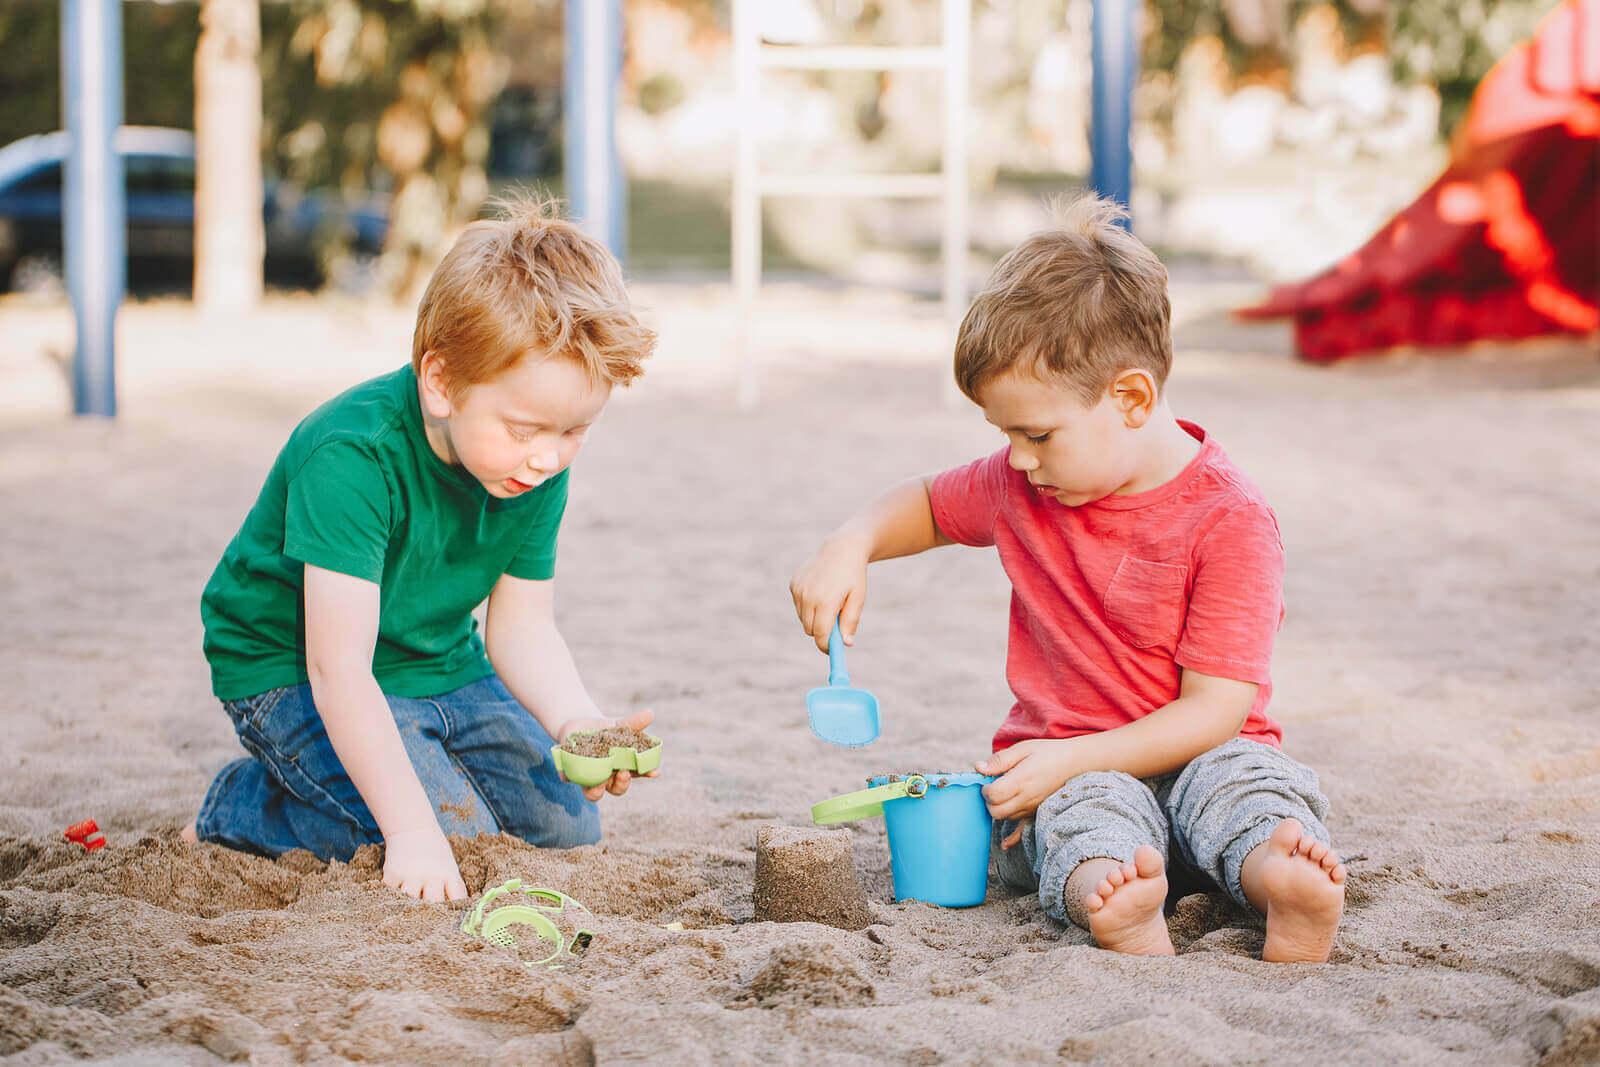 Symbolinen ajattelu on merkittävässä roolissa lapsen kehityksessä